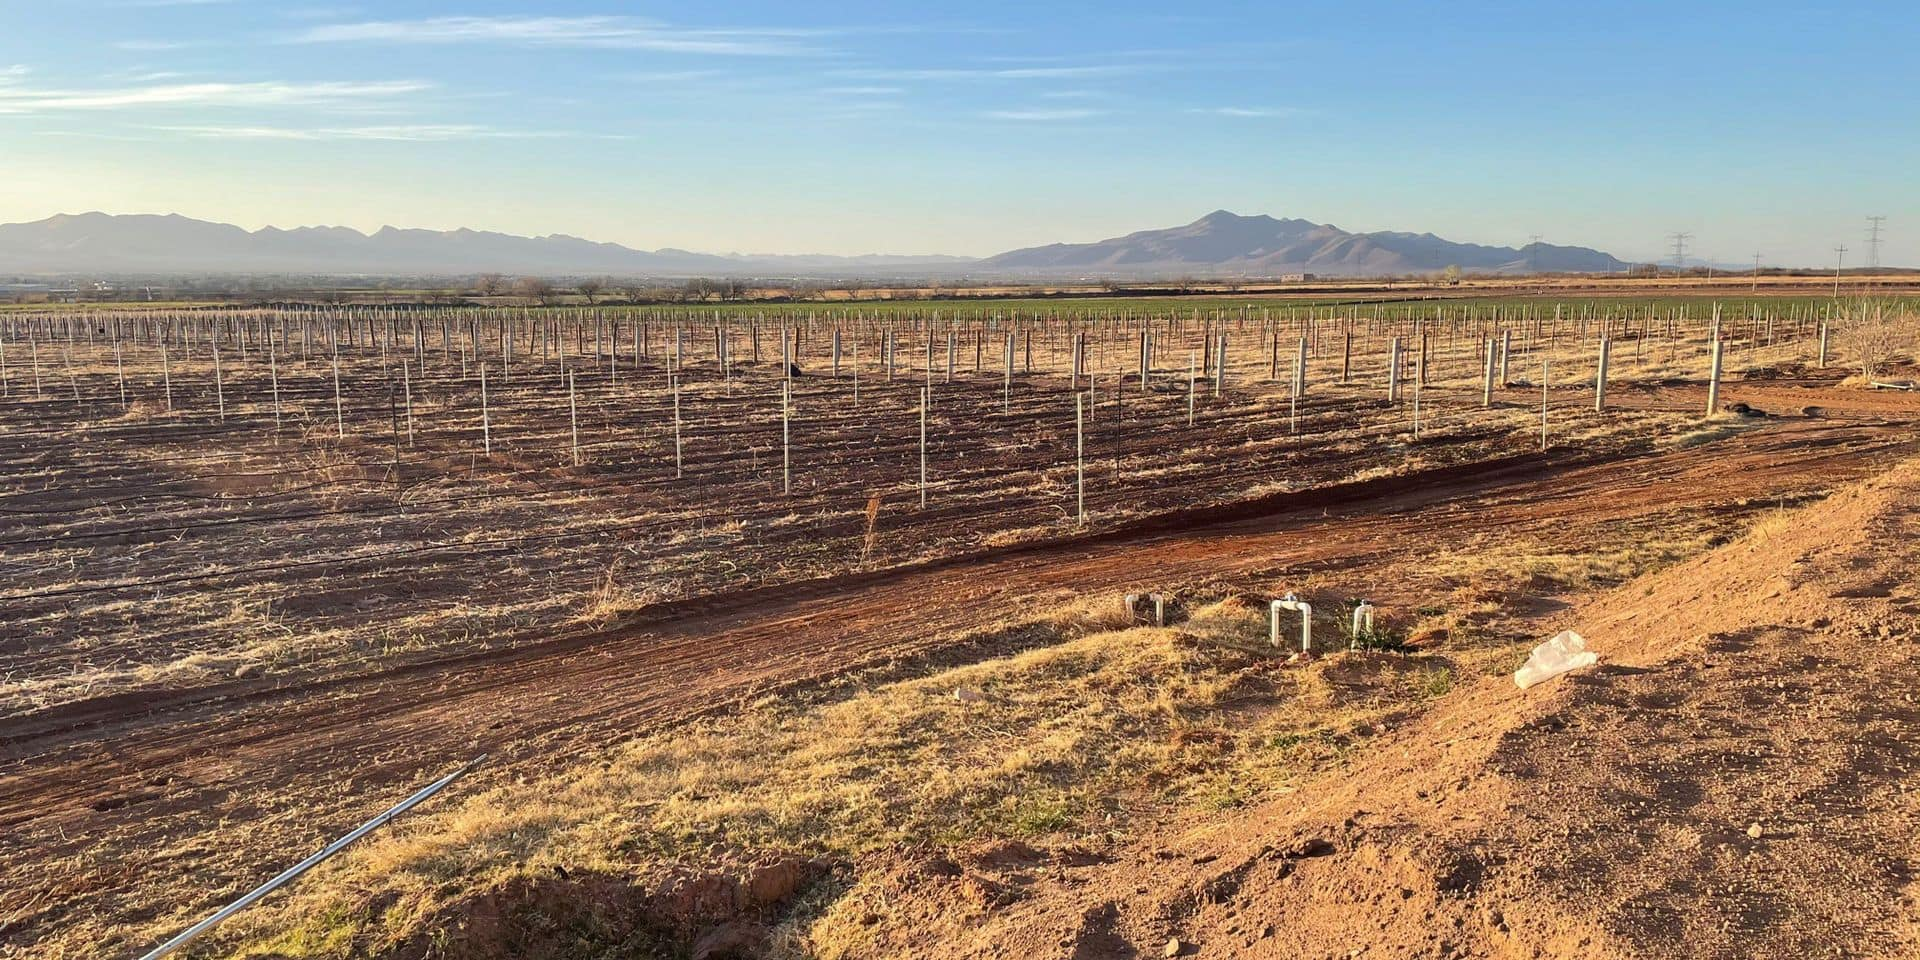 Chihuahua n'est pas qu'un désert: cet Etat mexicain est une terre promise à un bel avenir viticole